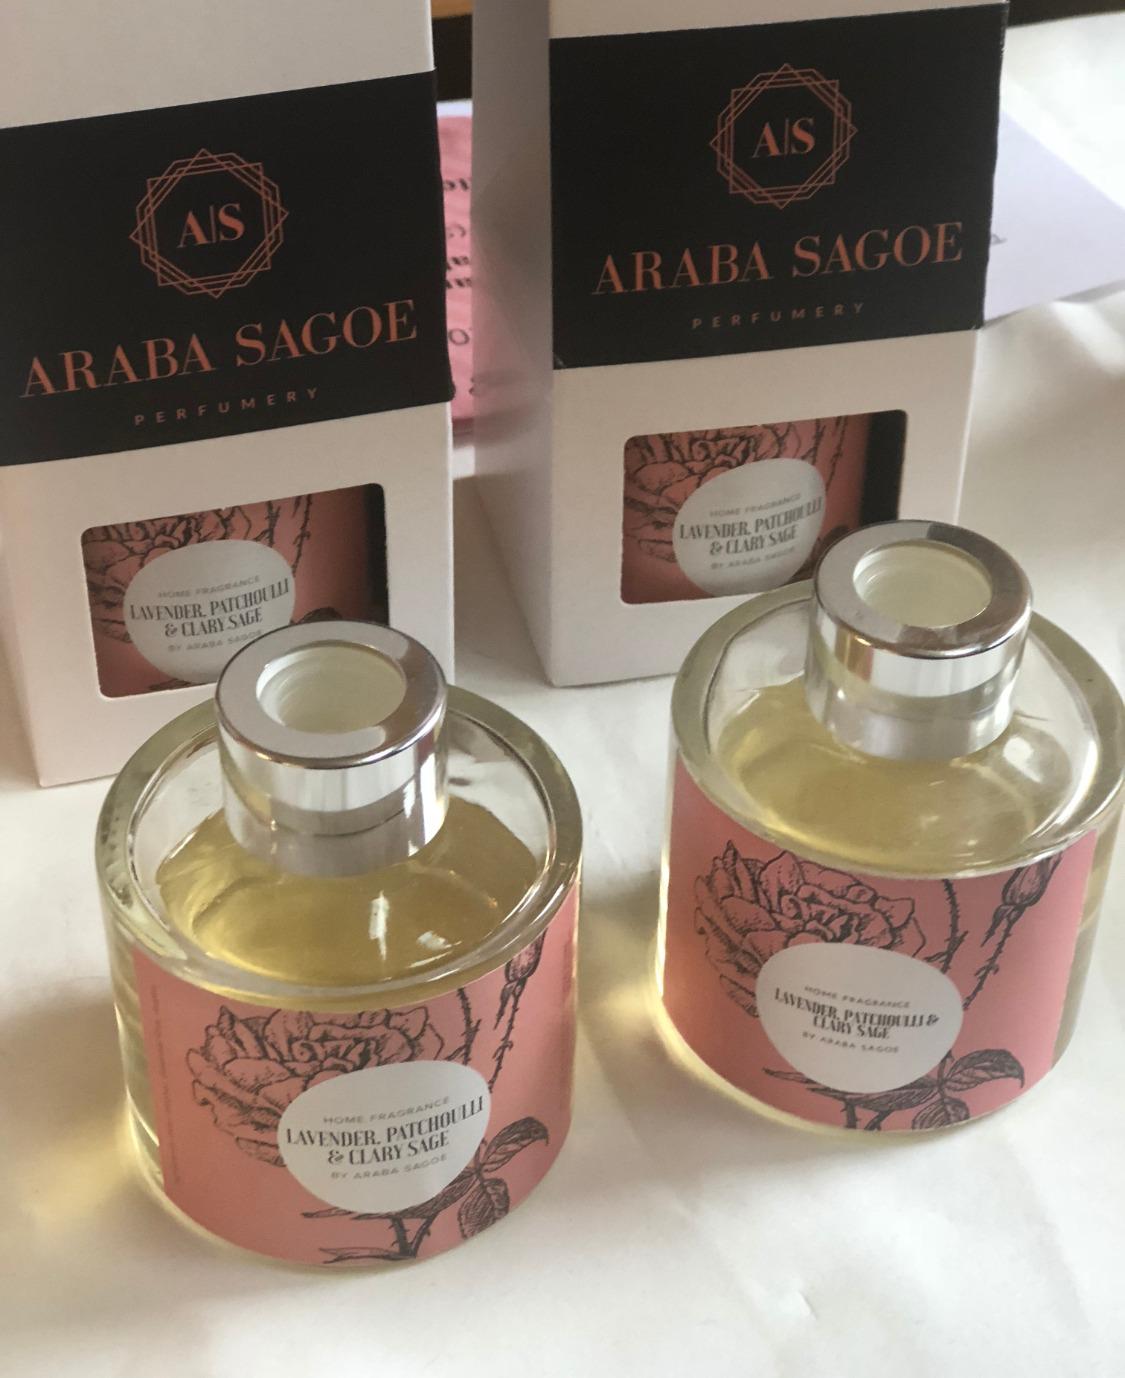 Araba Sagoe Perfumery